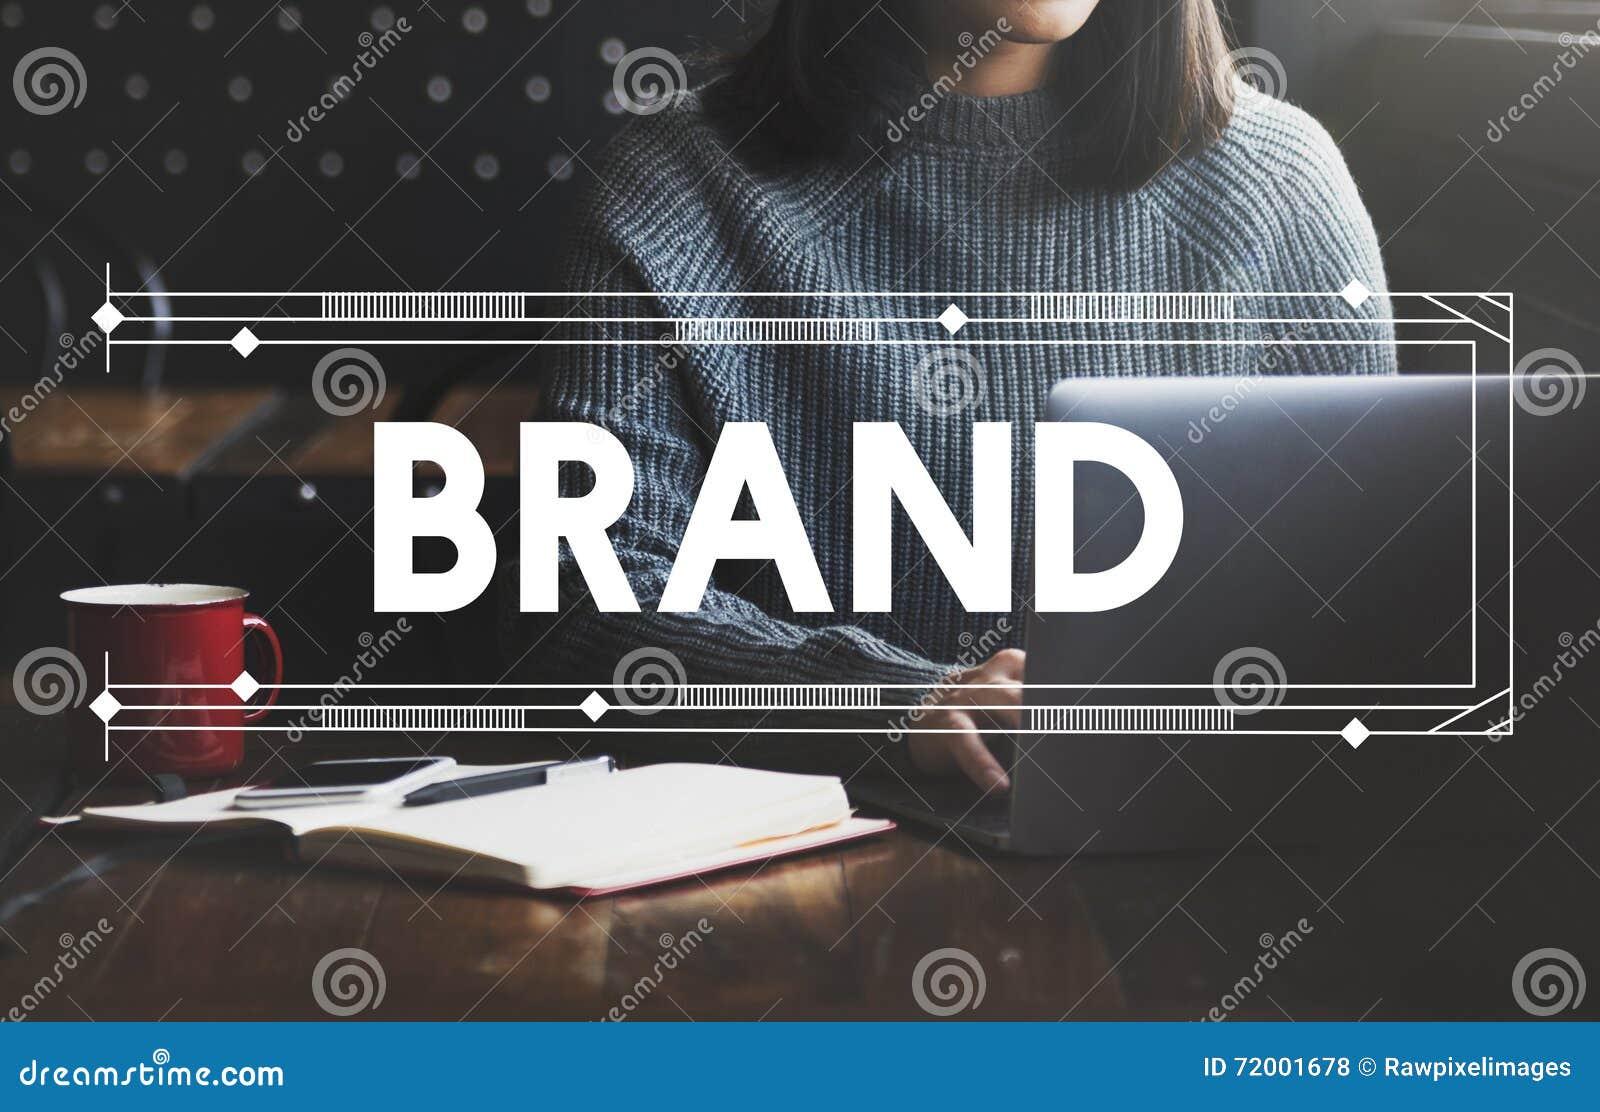 Маркетинг бренда клеймя концепция продукта коммерчески рекламы